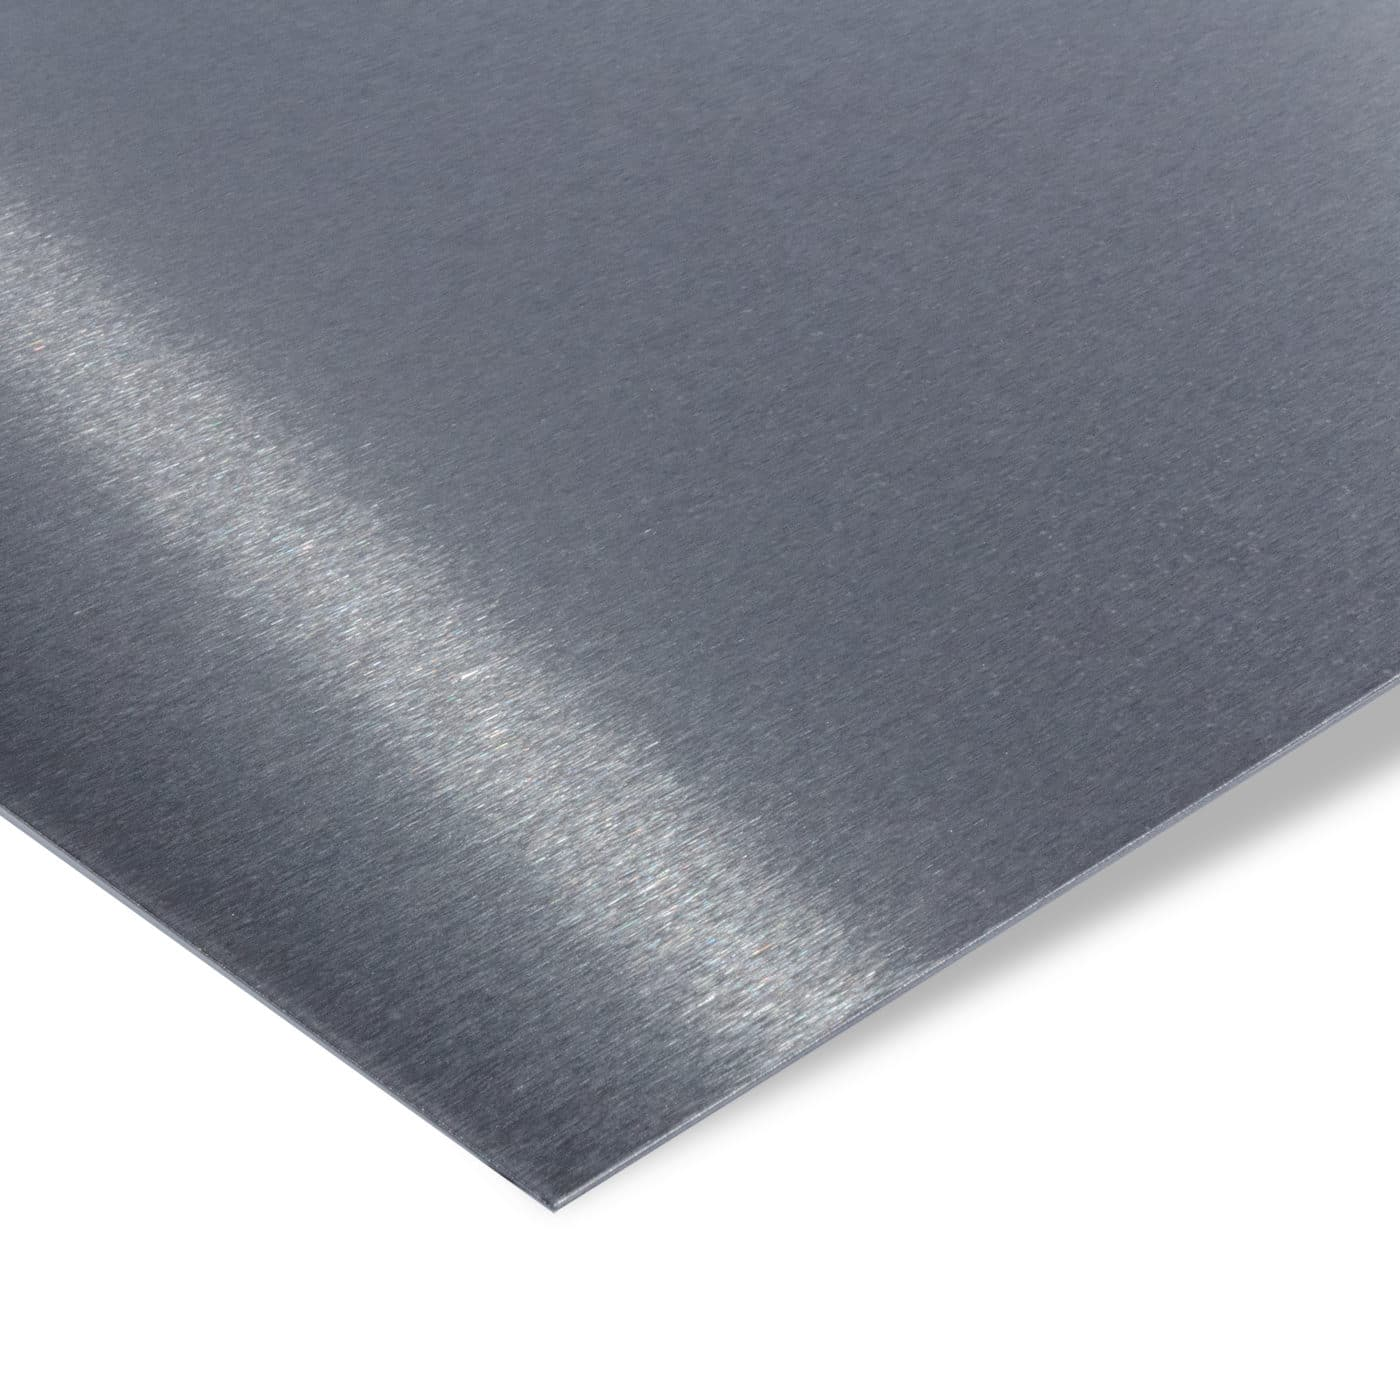 Lochblech Qg 10-15 Edelstahl K240 geschliffen 1,5 mm Stärke Zuschnitt nach Maß